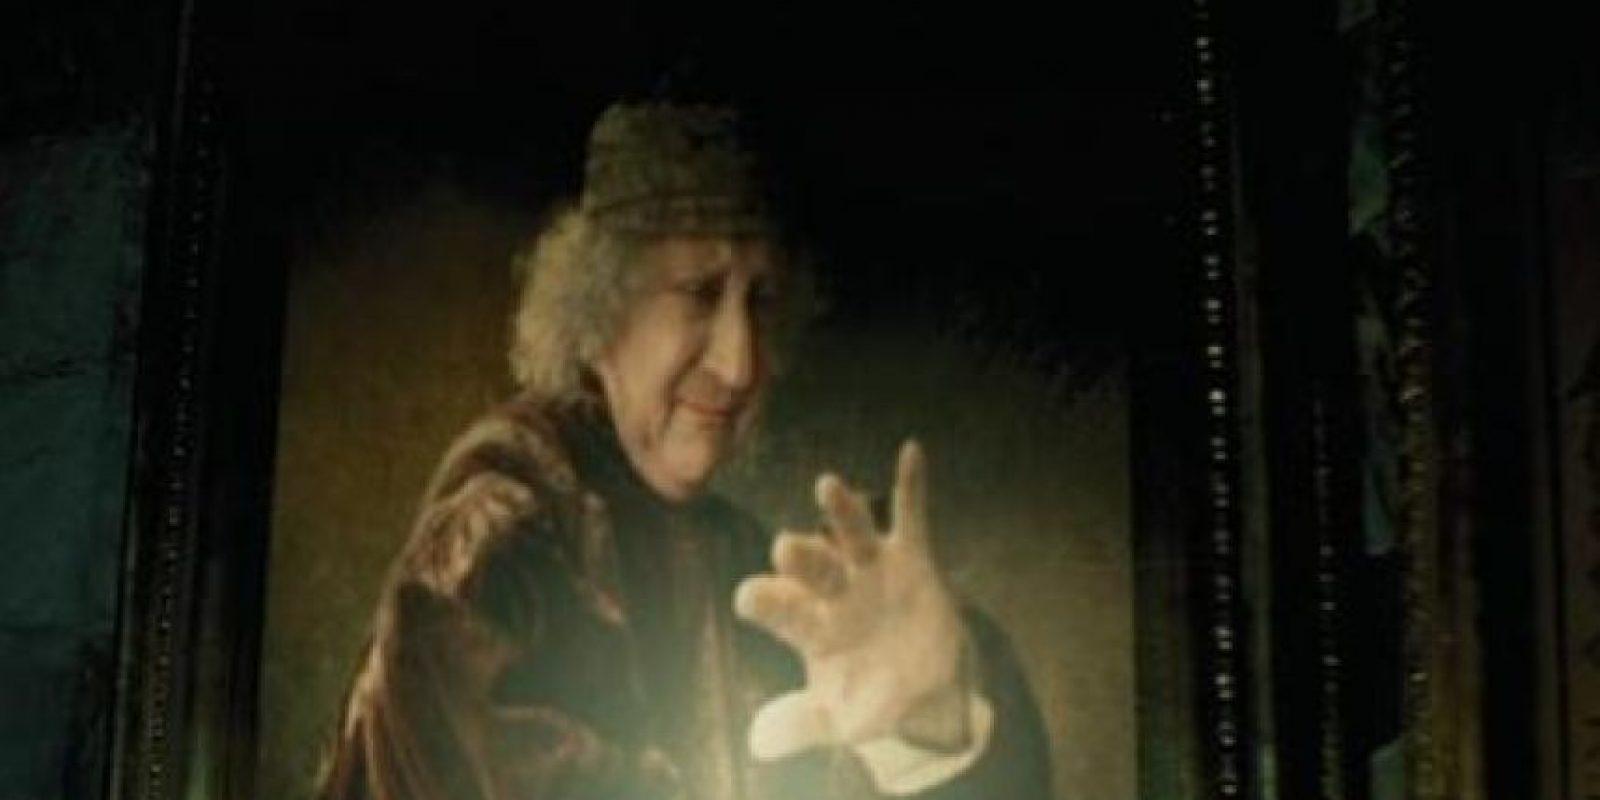 """Alfonso Cuarón hace un cameo como un personaje de una pintura en """"Harry Potter y el Prisionero de Azkaban"""" Foto:Twitter"""